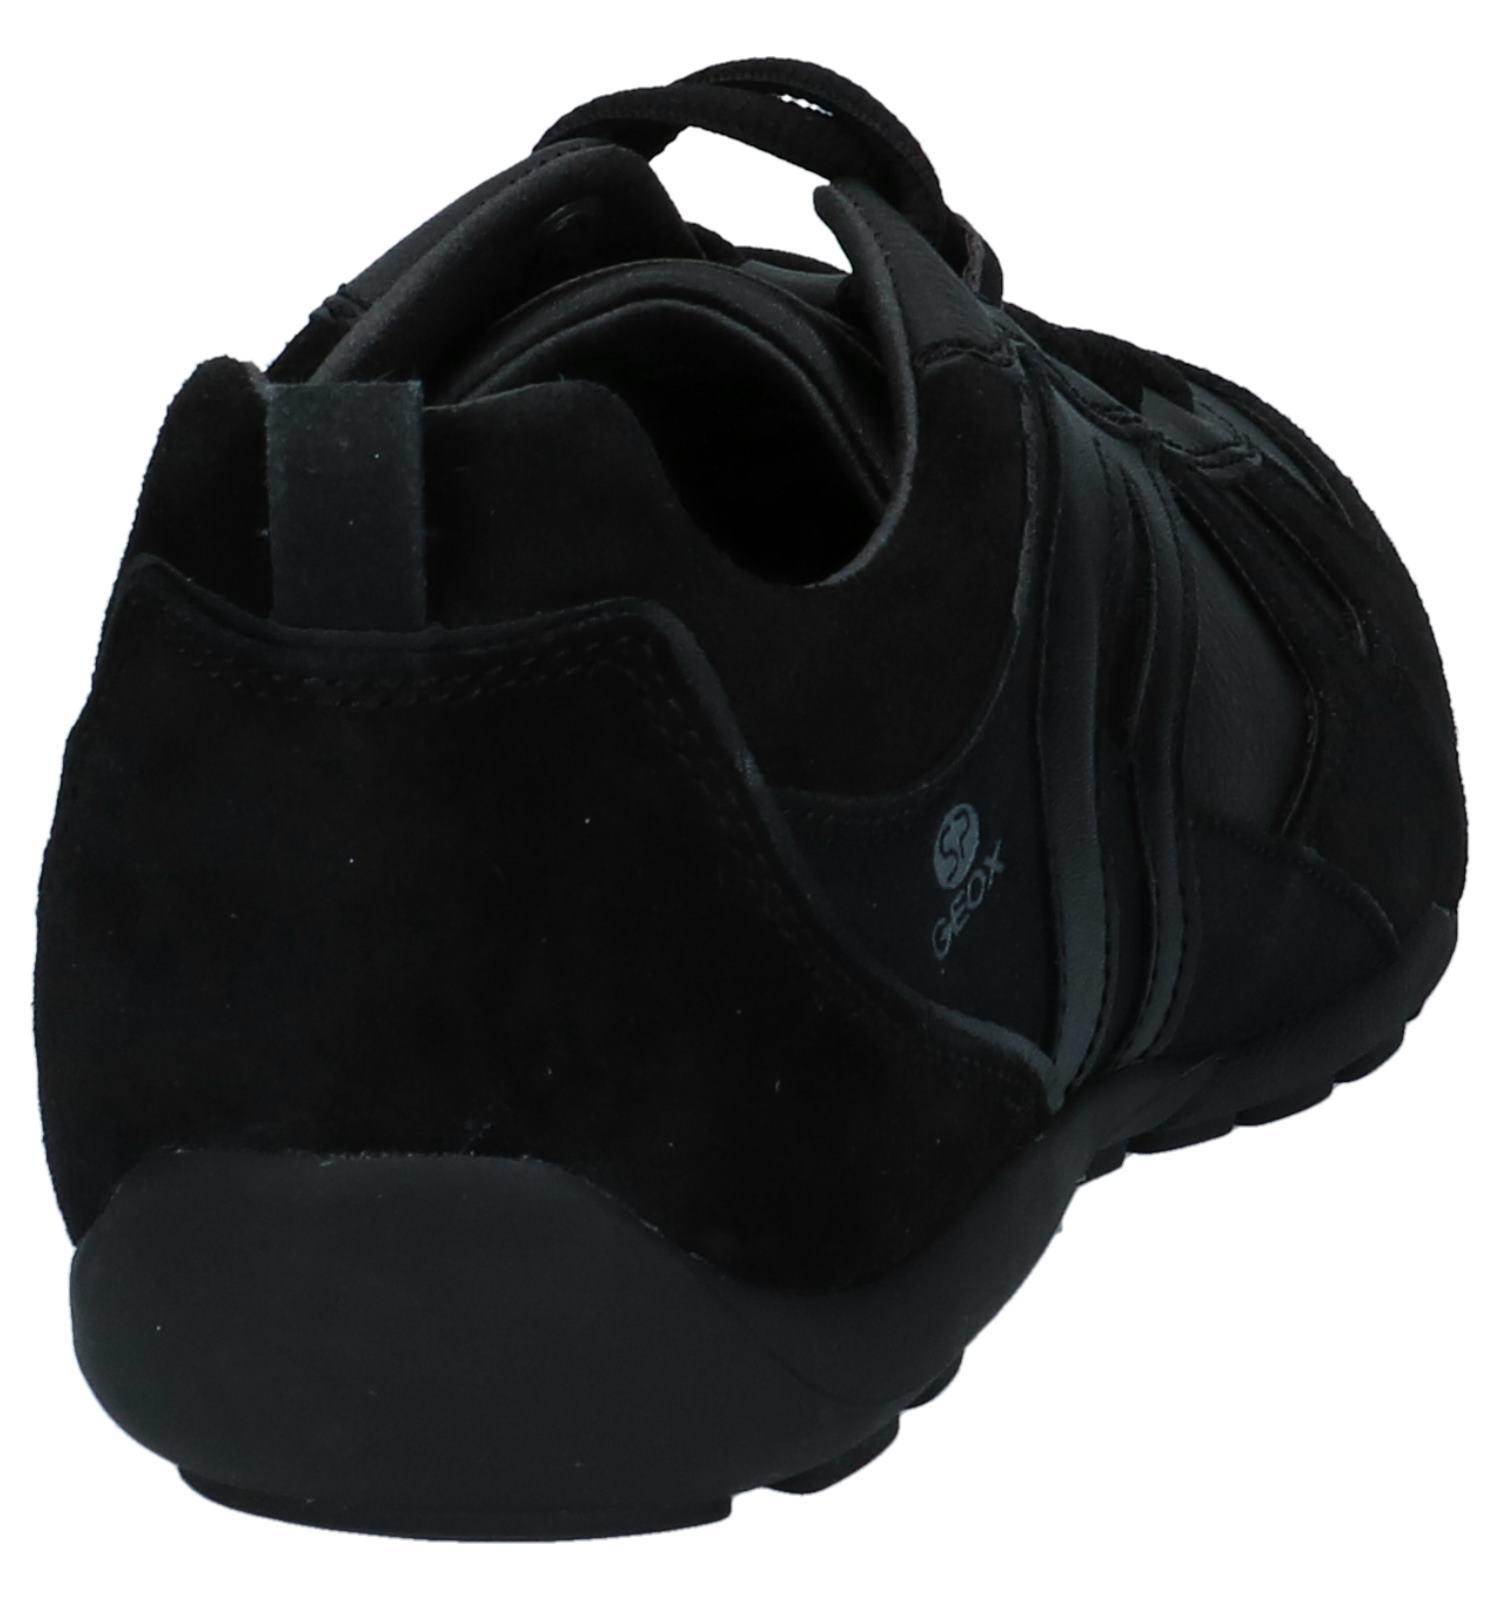 Zwarte Zwarte Casual Geox Geox Casual Veterschoenen 5L4Rj3A